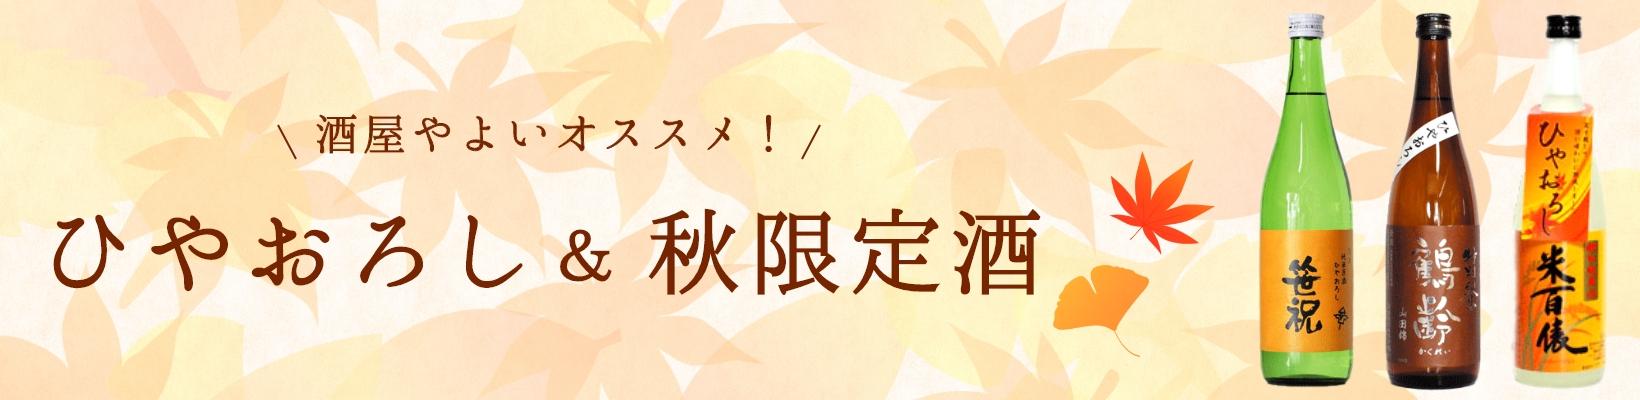 ひやおろし&秋限定酒